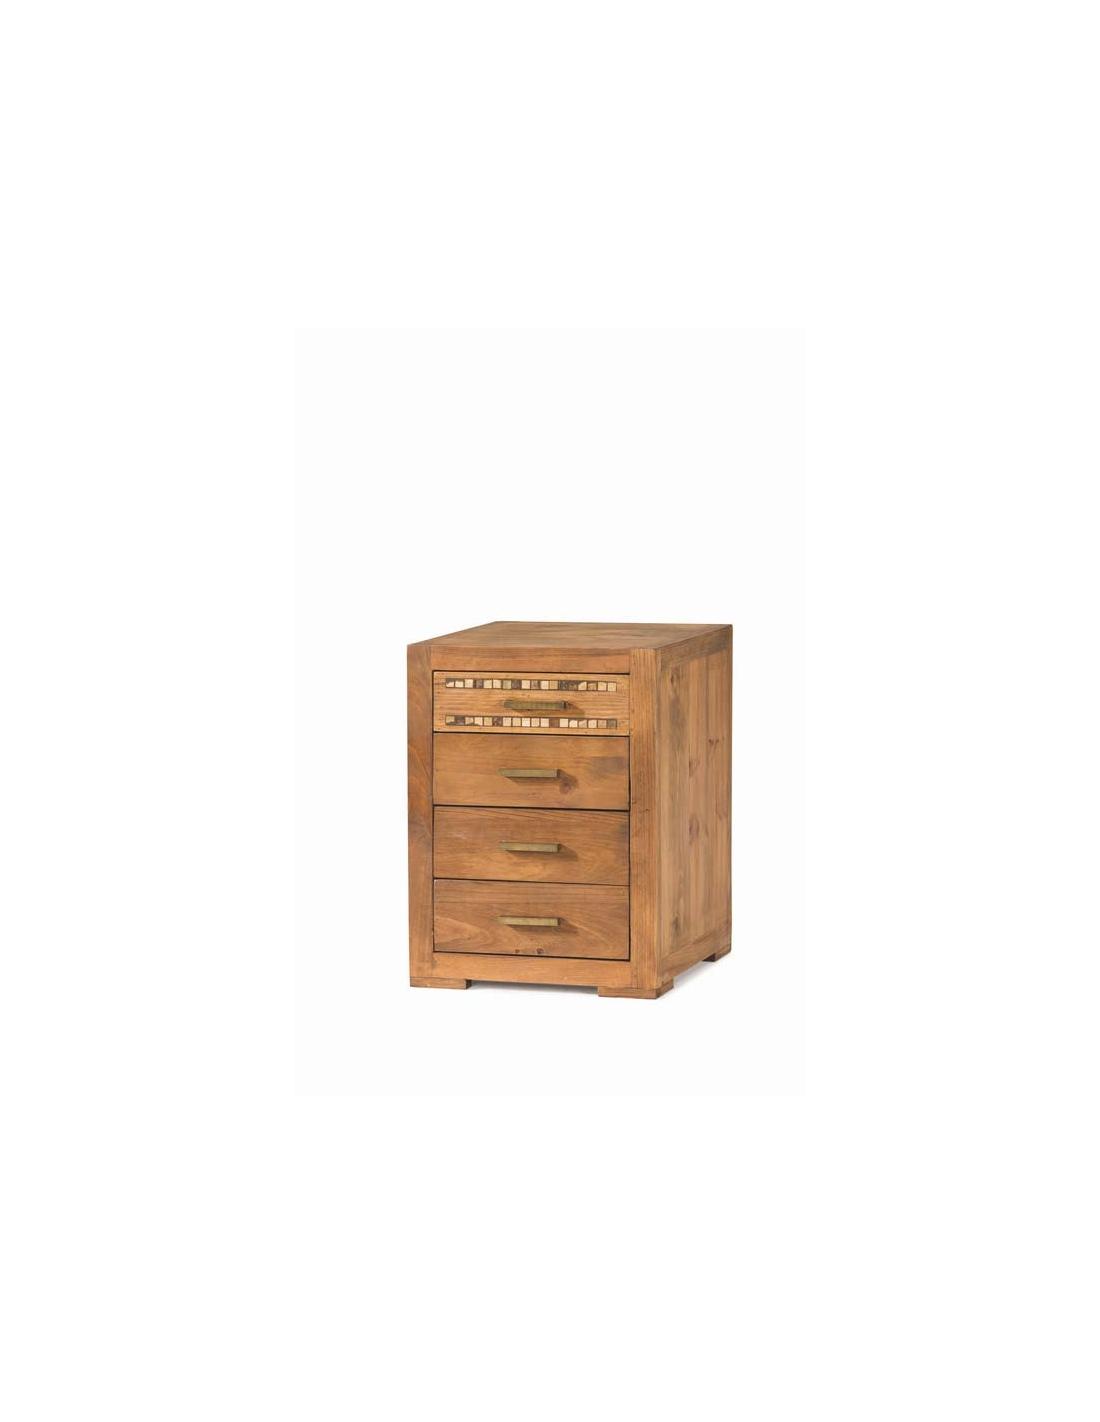 Comprar mesita de noche rustica madera natural modular studio - Mesitas de noche rusticas ...